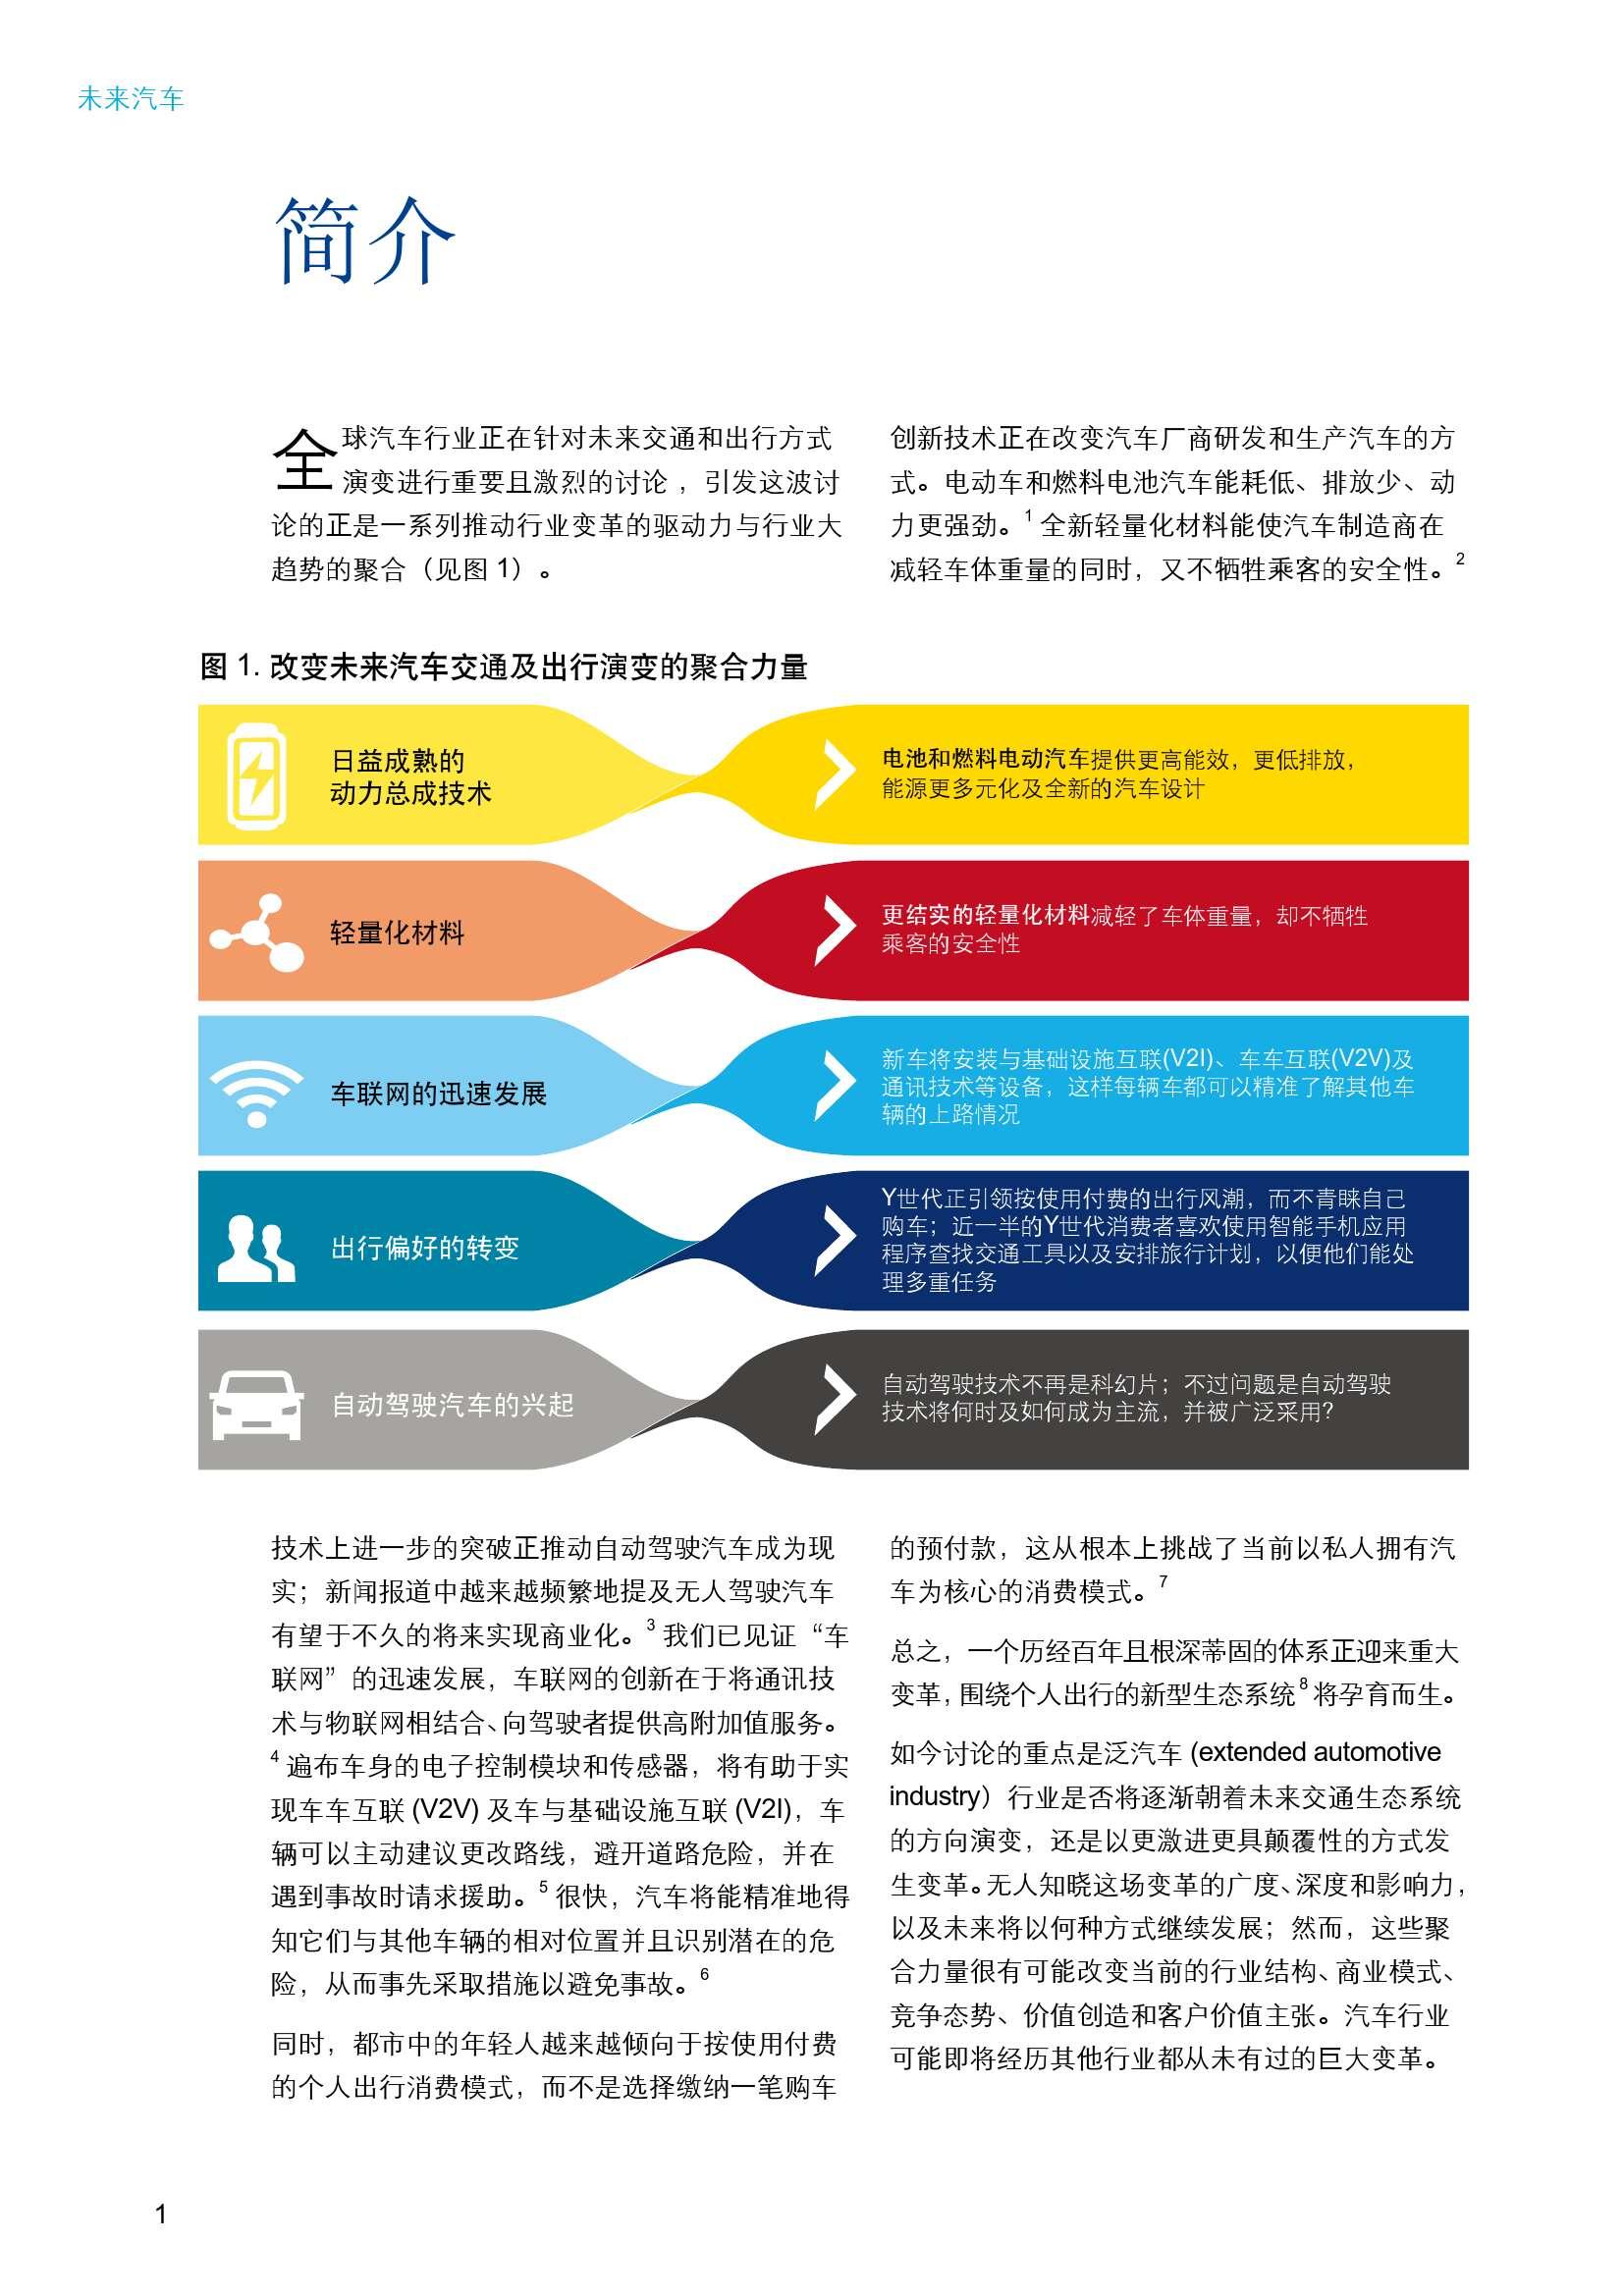 未来汽车:交通技术和社会趋势如何构建全新的商业生态系统_000004